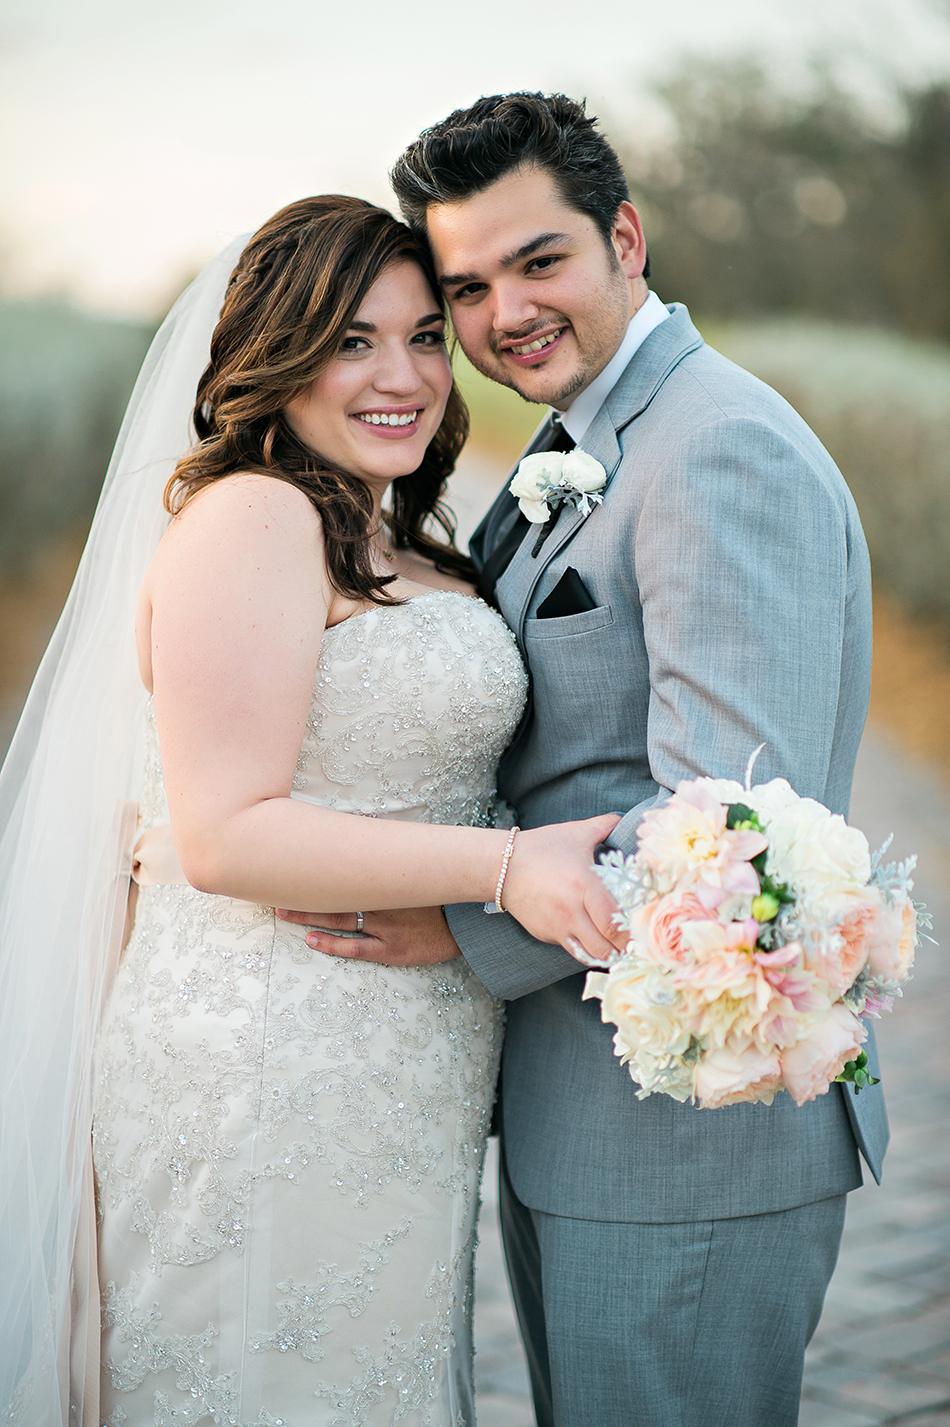 CC's Boutique wedding gown